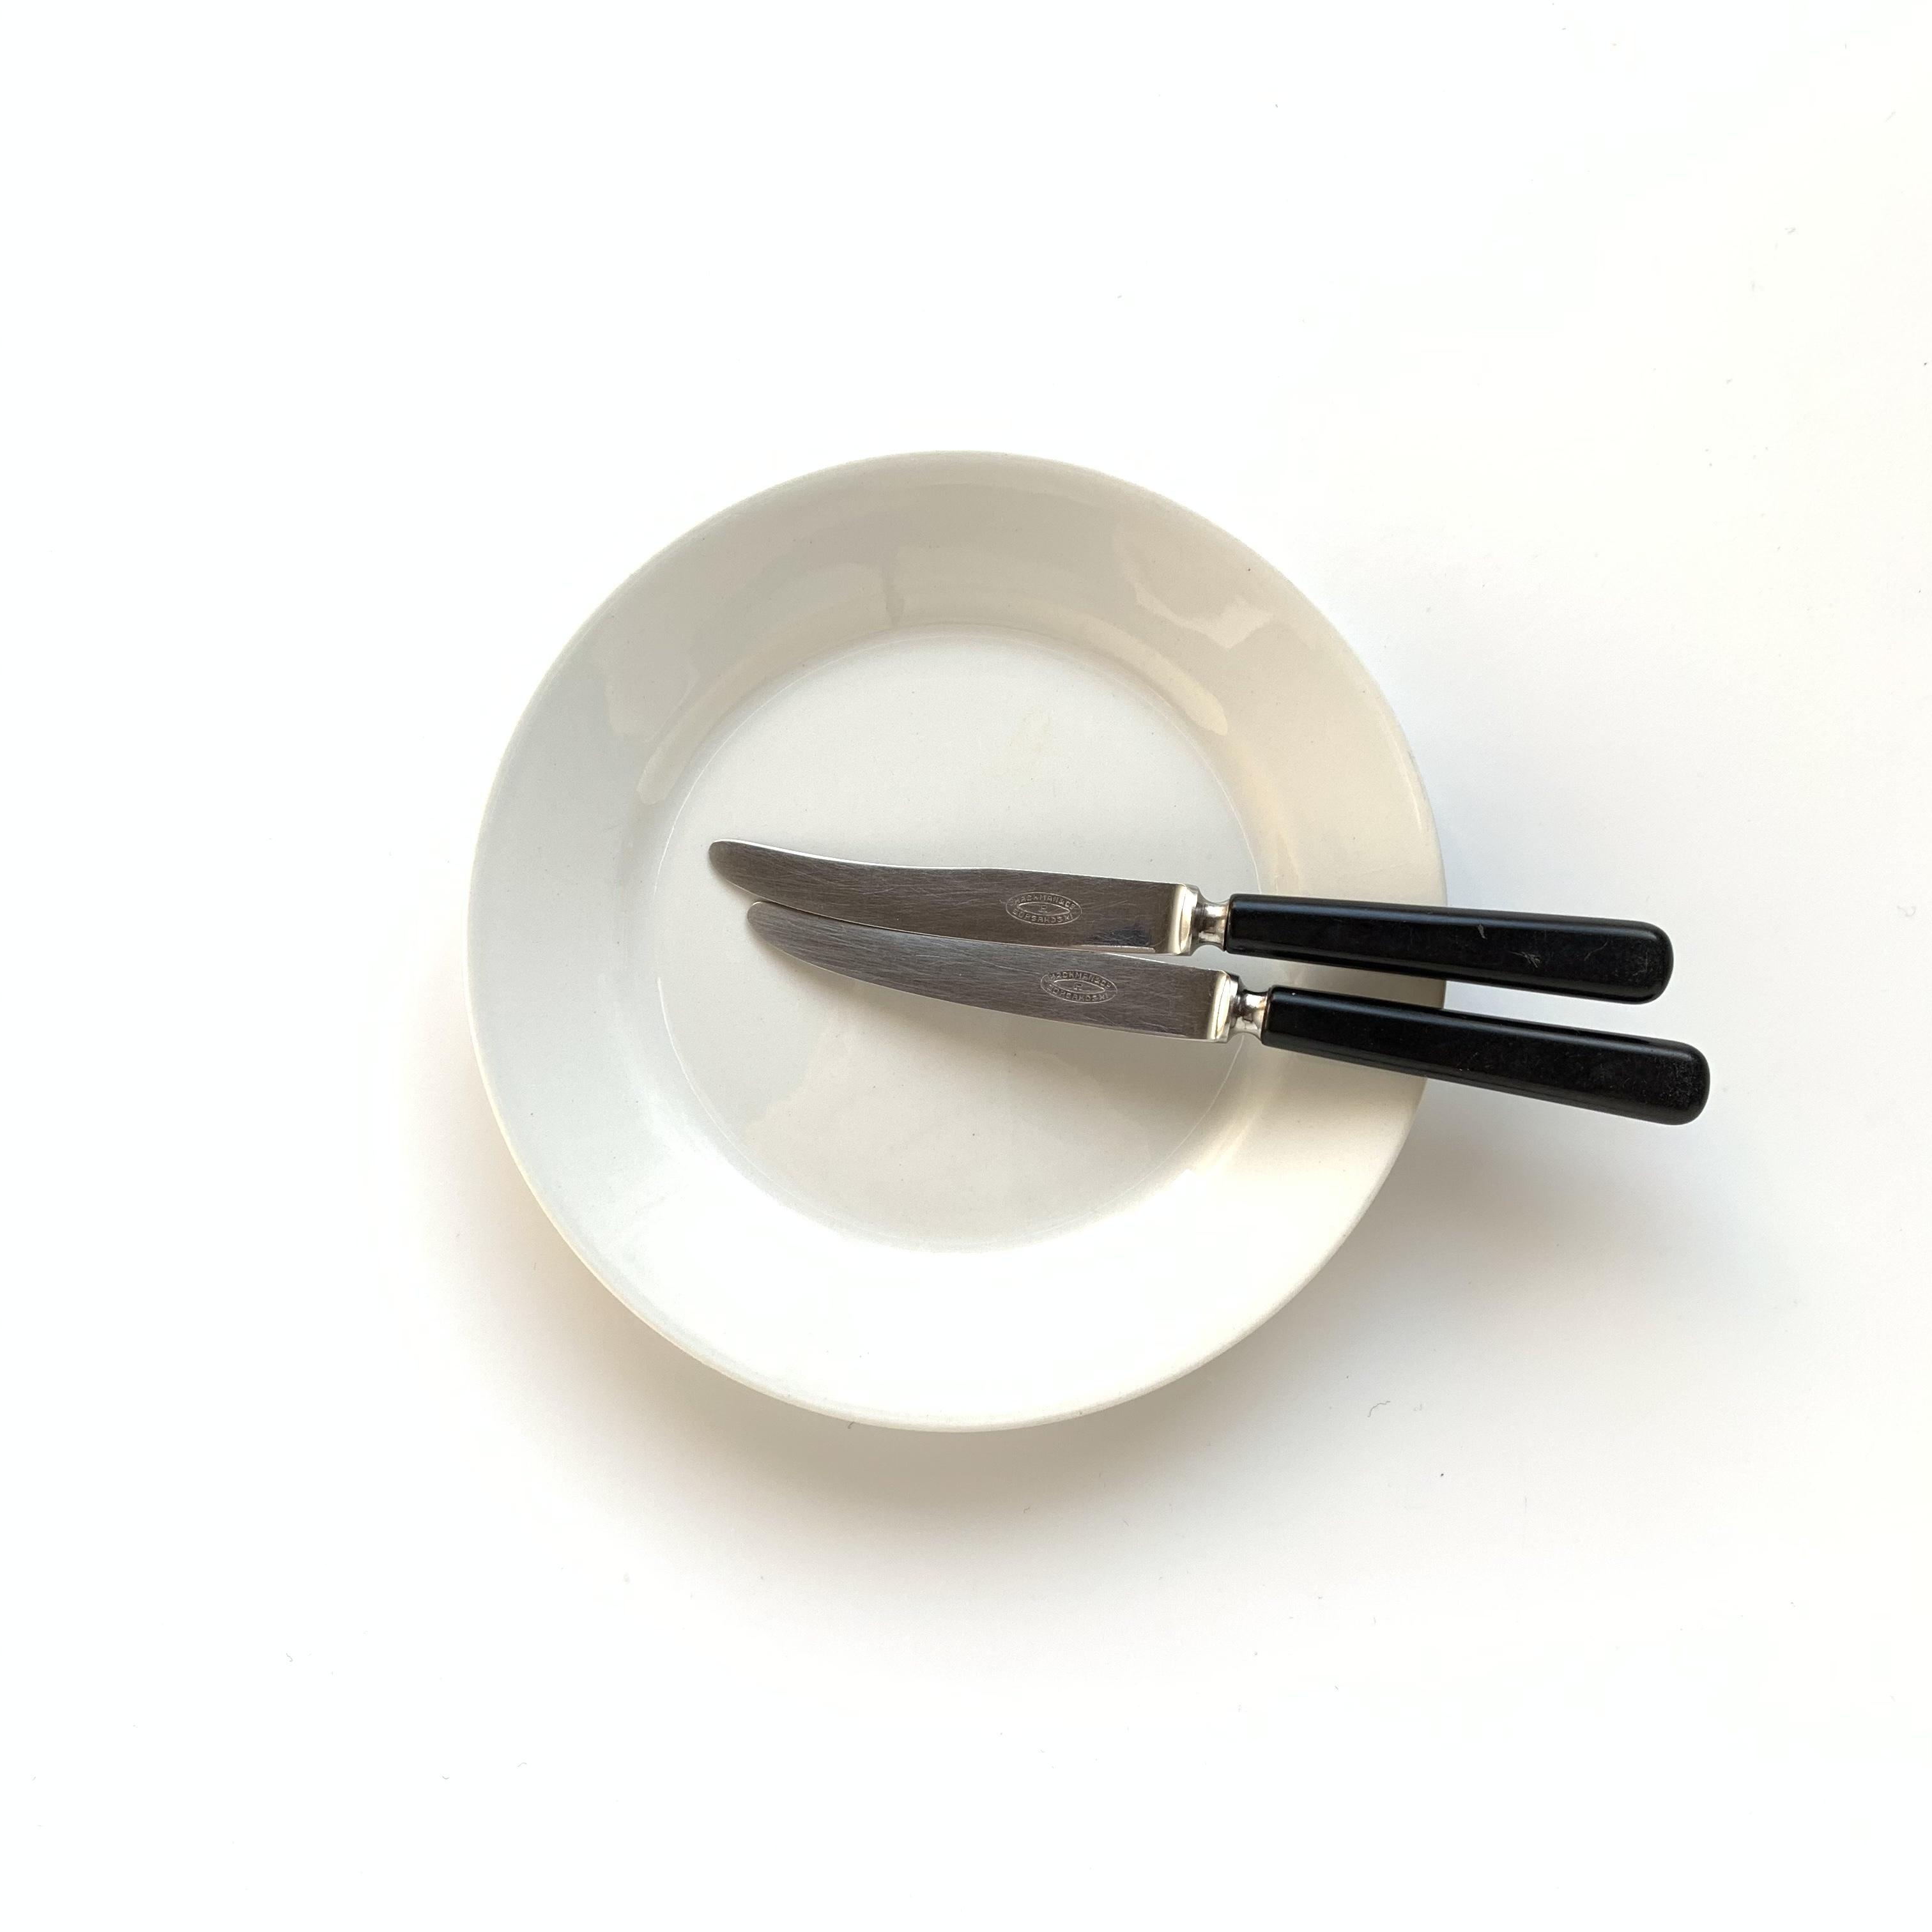 HACKMAN / Butter knife